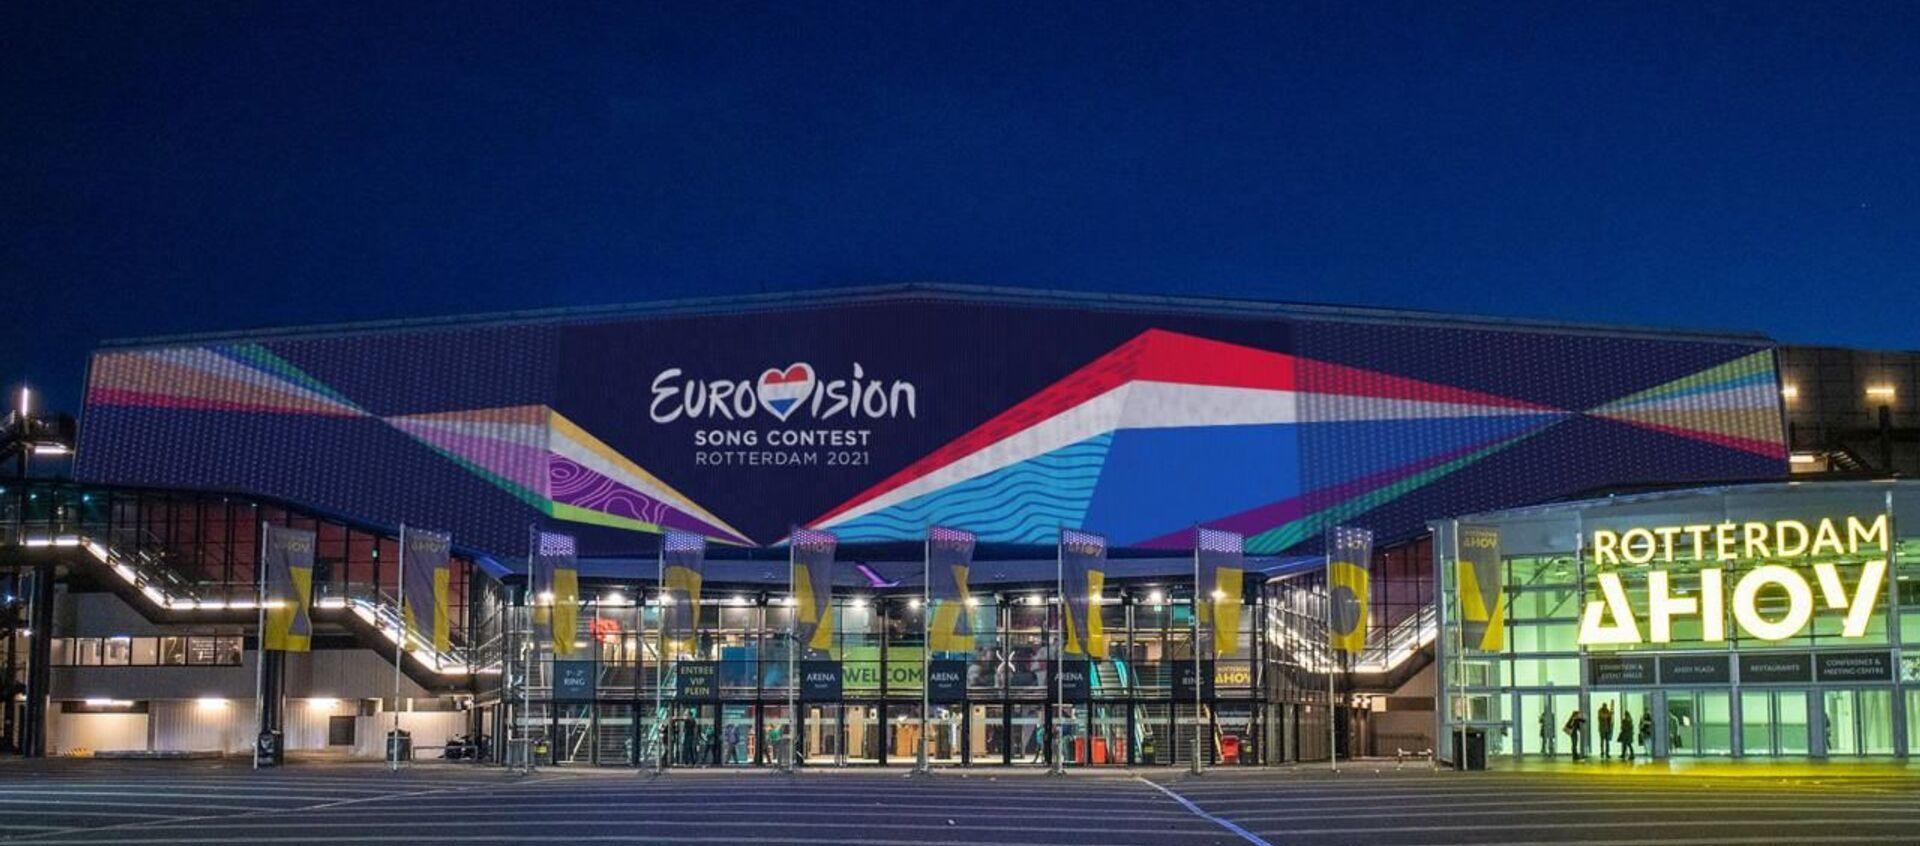 Конкурс песни Евровидение будет транслироваться из Ahoy в Роттердаме во всех сценариях - Sputnik Беларусь, 1920, 26.03.2021